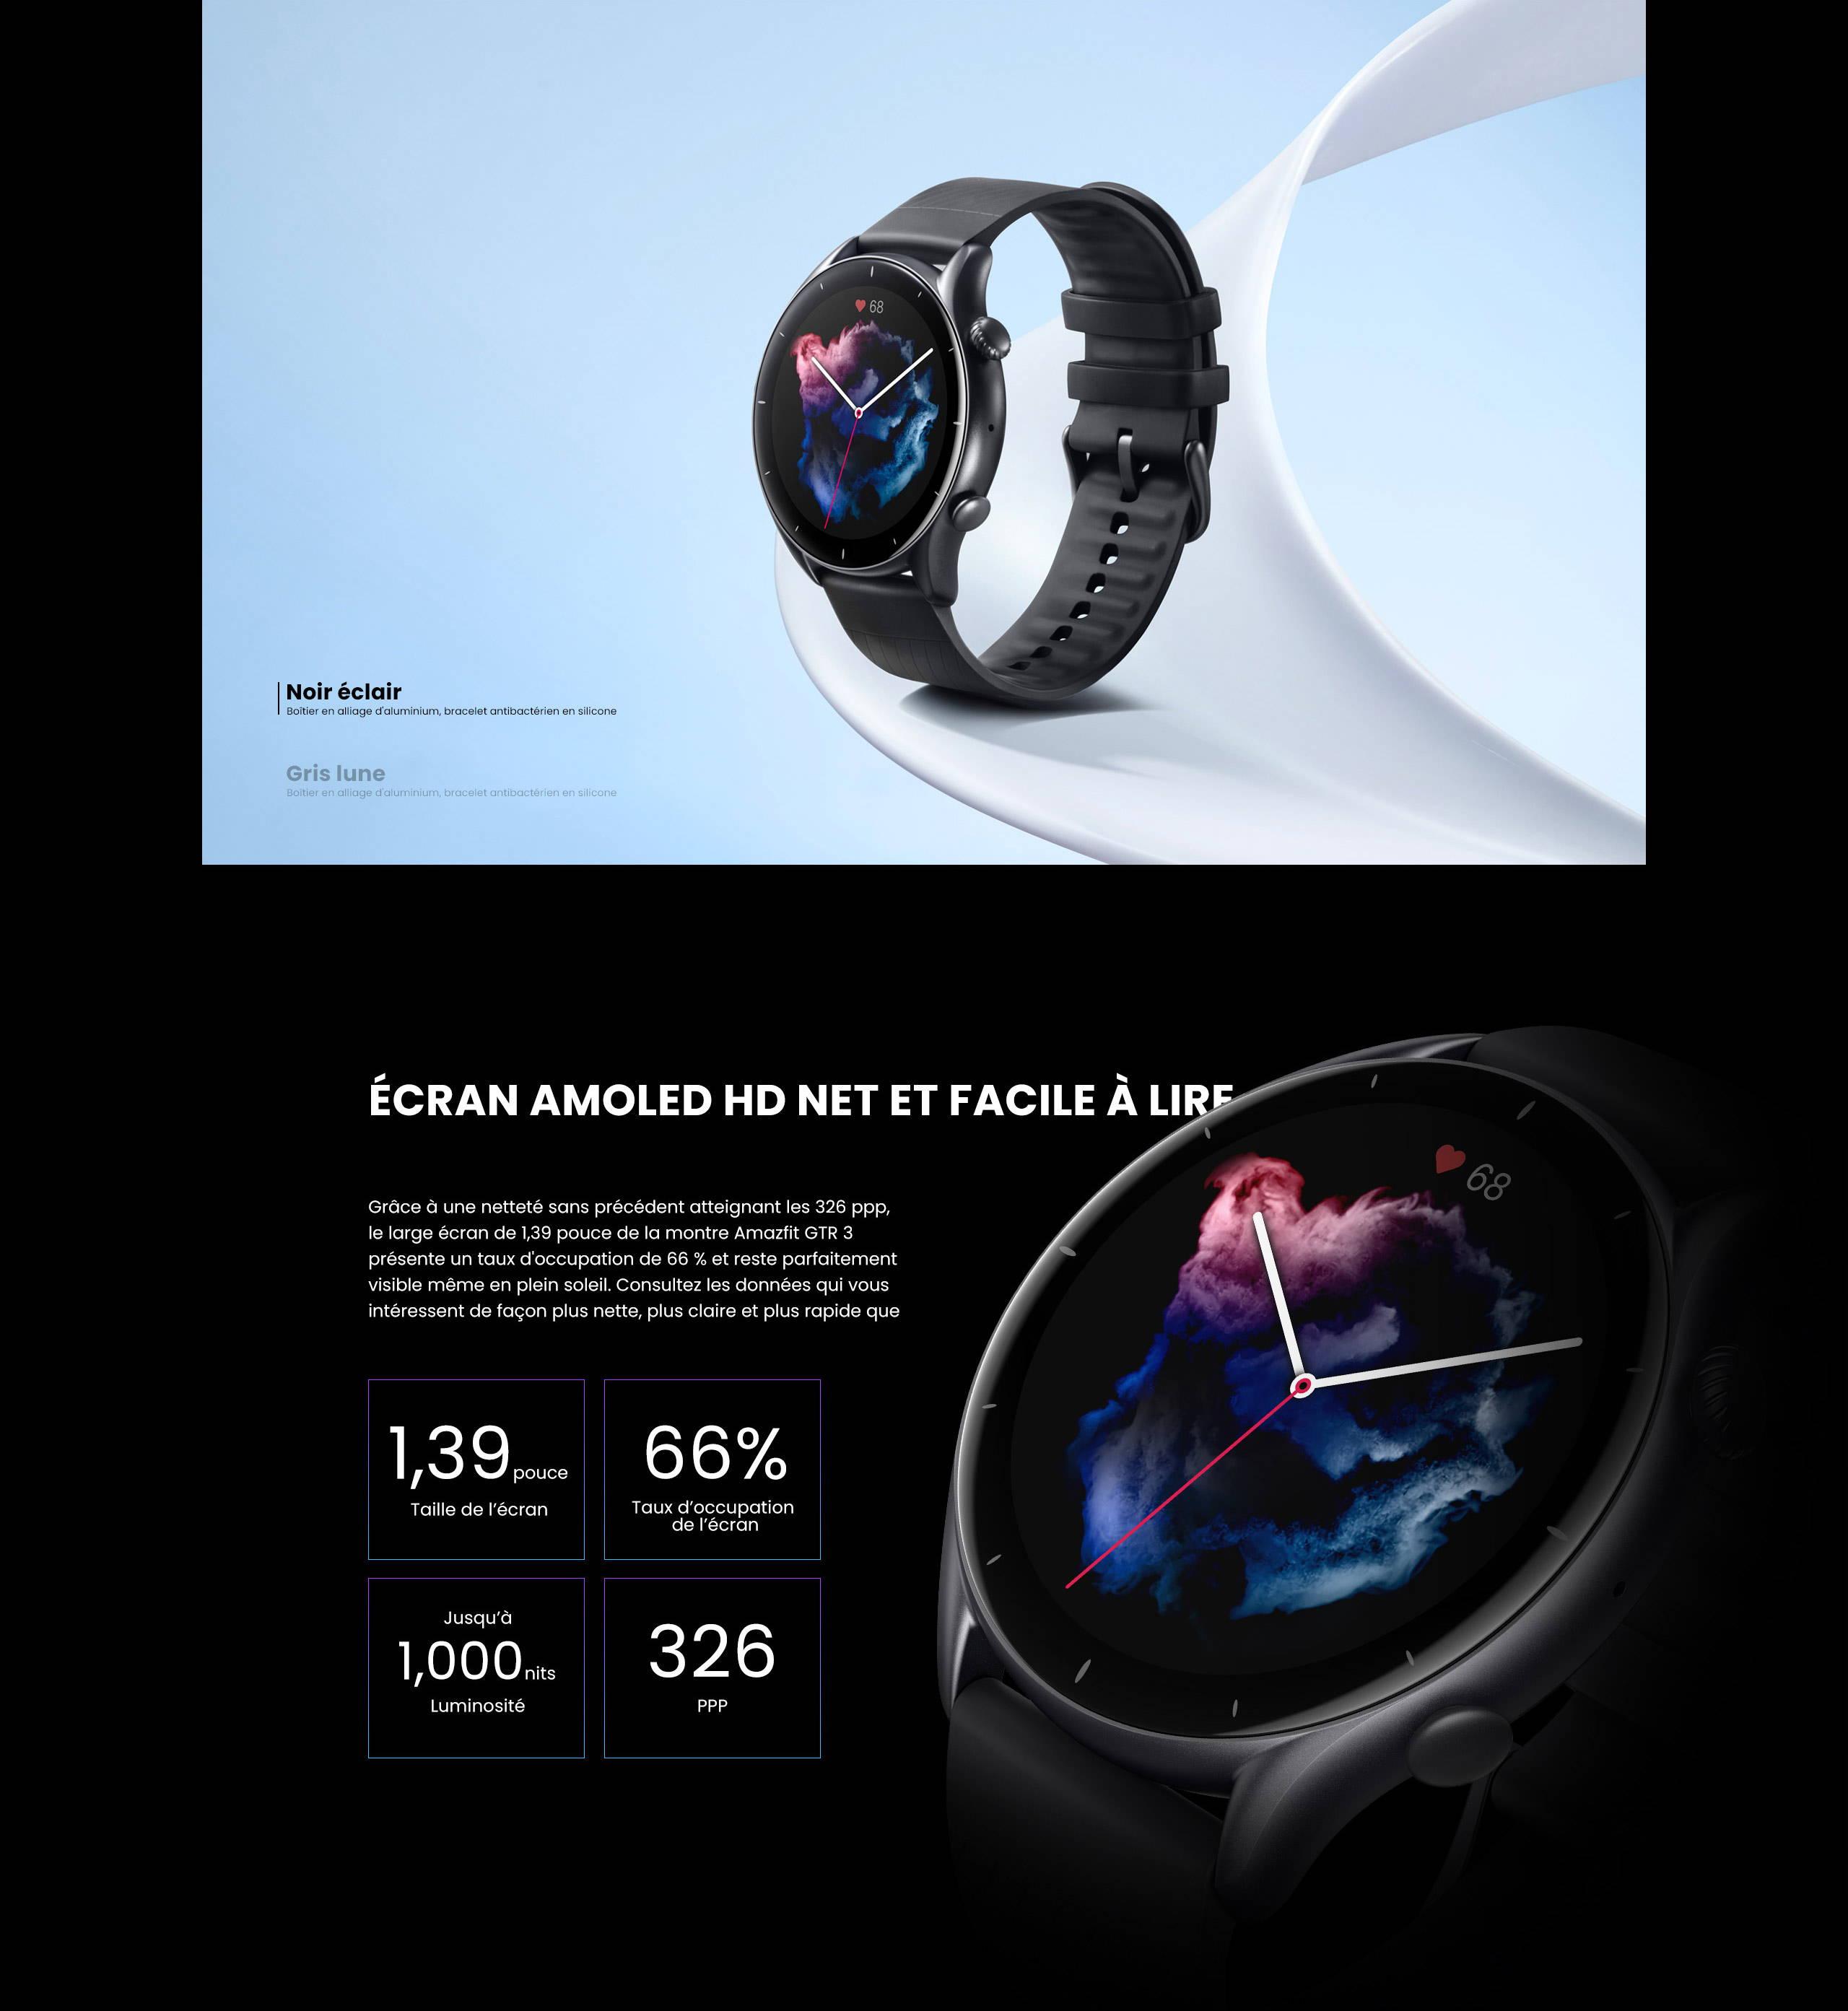 Amazfit T-Rex Pro - Robuste à l'intérieur comme à l'extérieur:La montre Amazfit T-Rex Pro est une combinaison titanesque de praticité, de solidité et de confort.